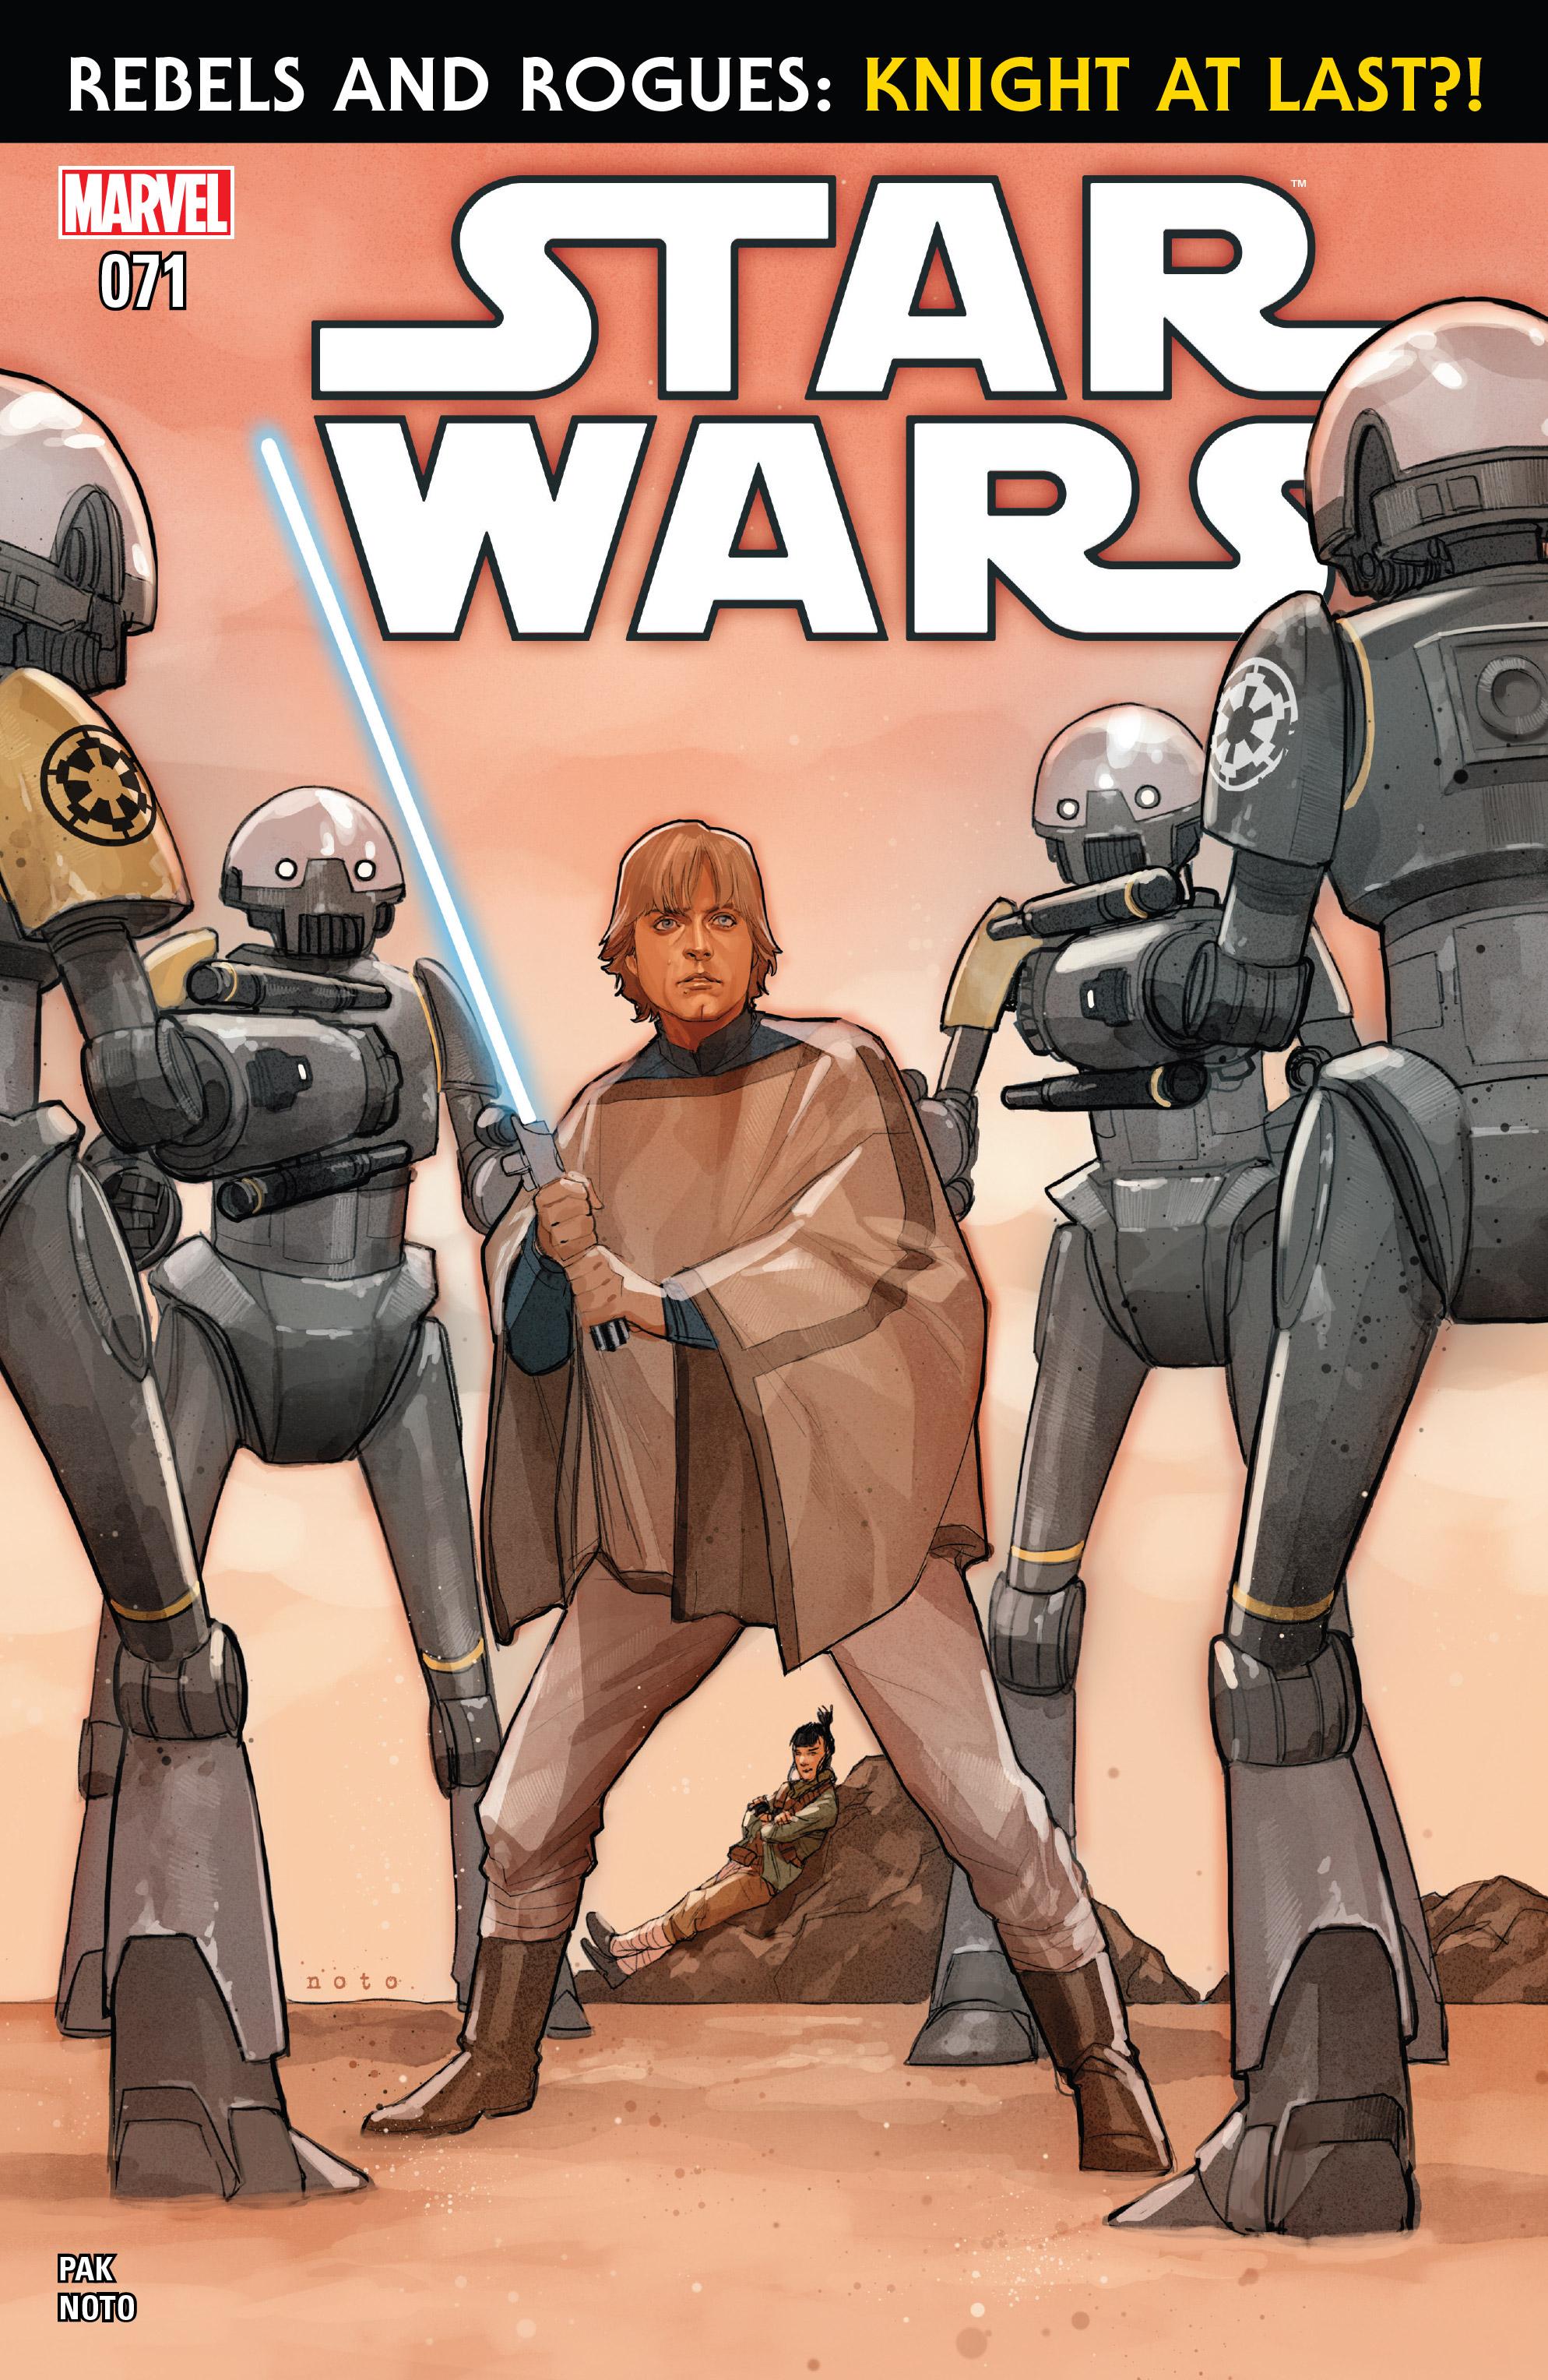 Звёздные войны 71: Мятежники и изгои, часть 4